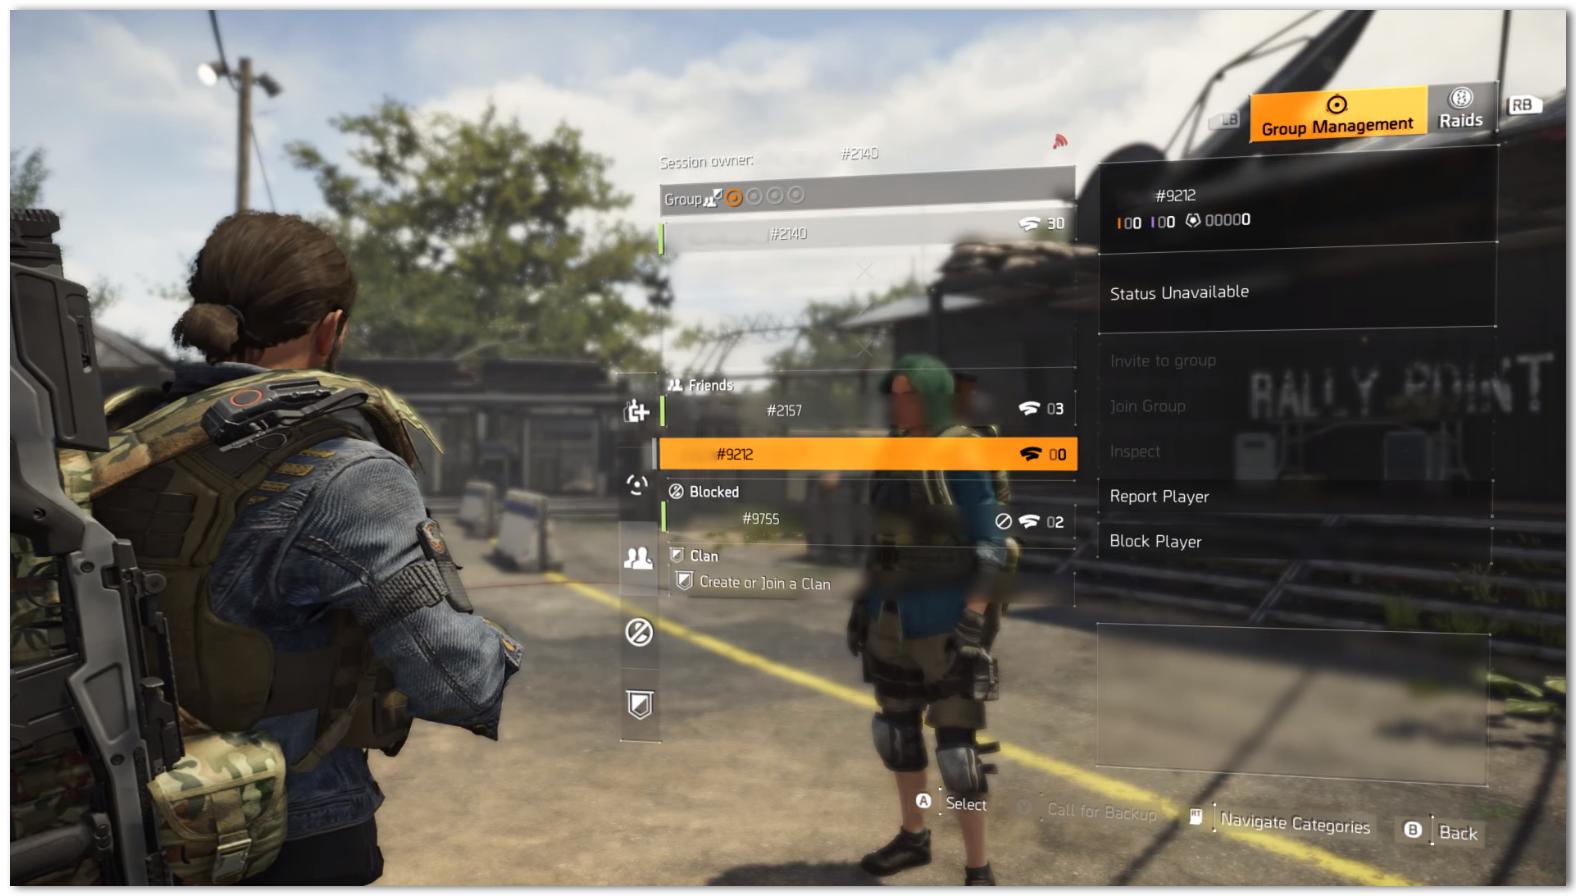 Blocking a player via the in-game menu